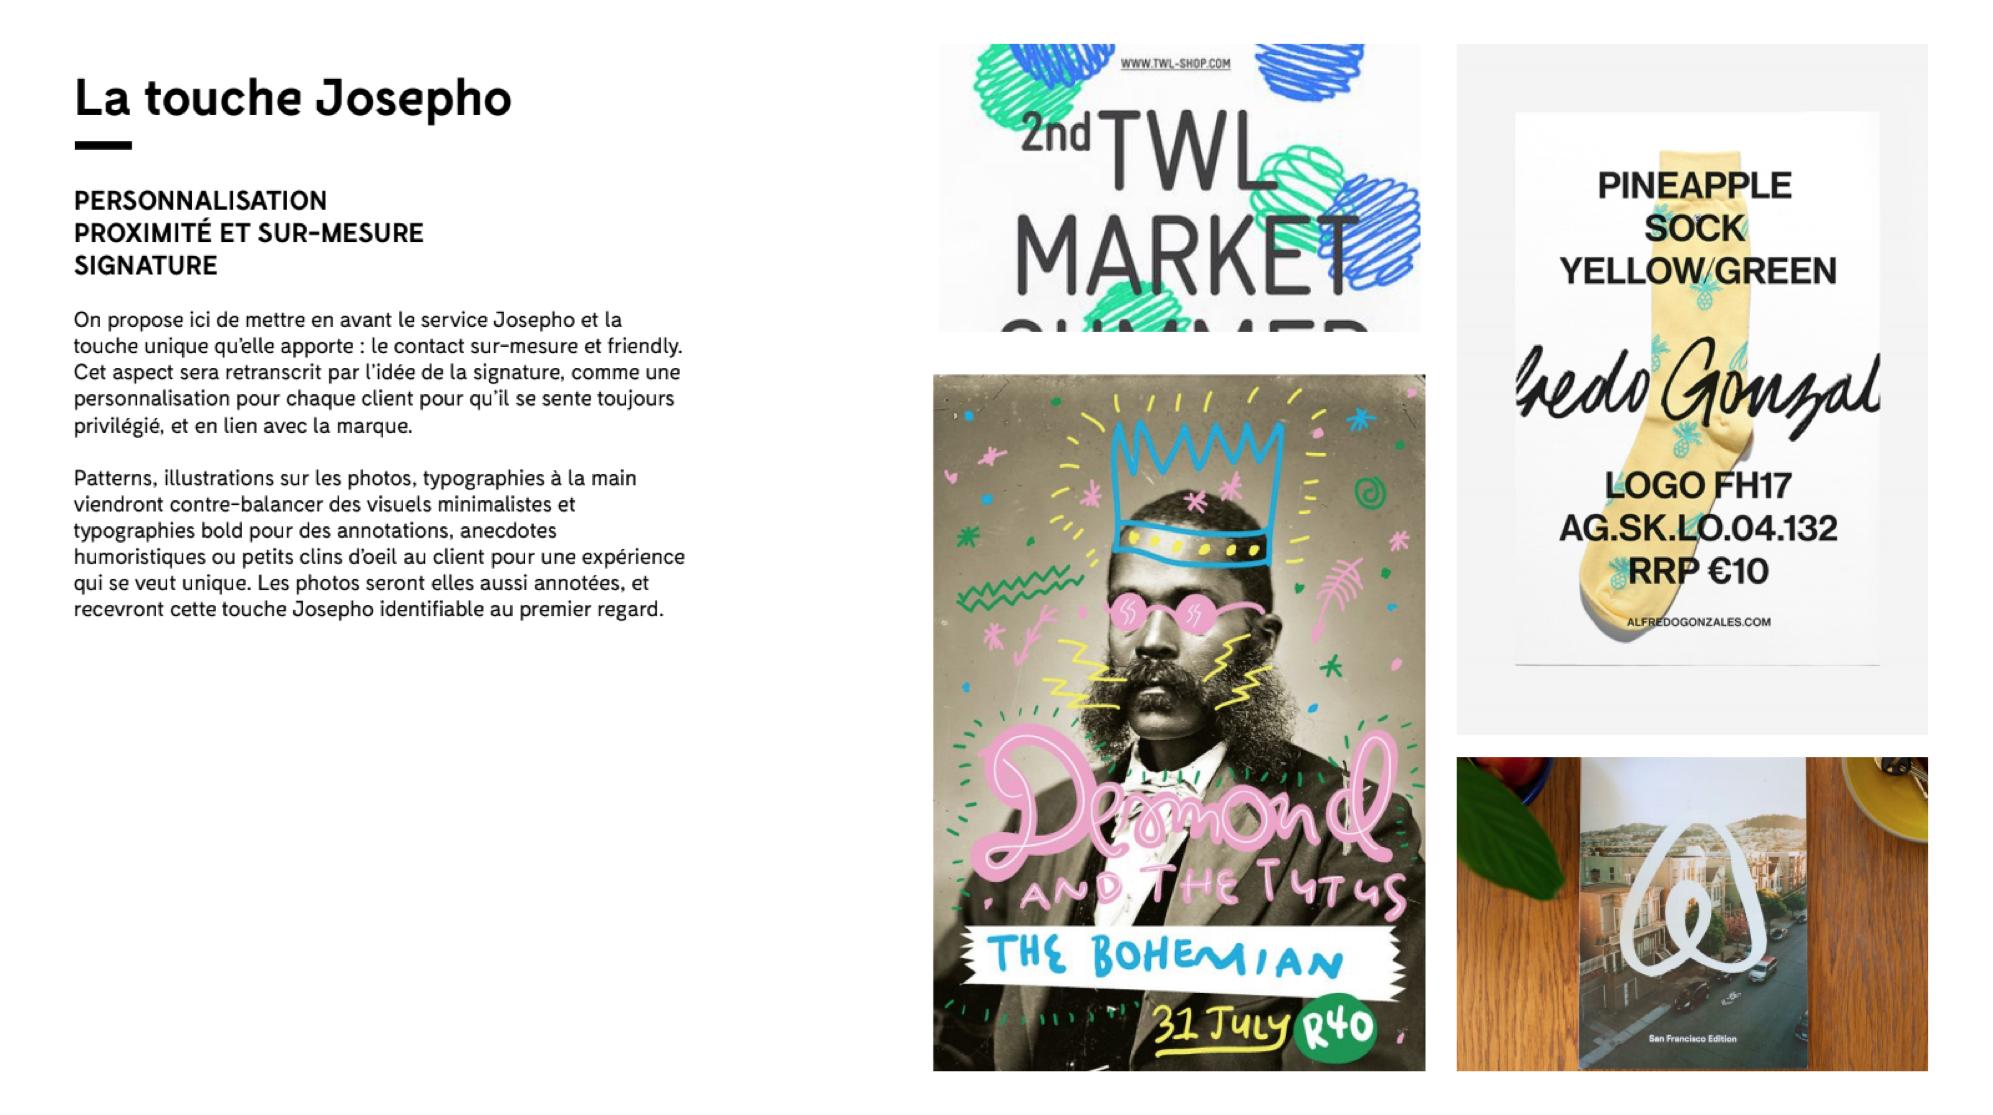 Moodboard d'inspiration qui a permis de créer la nouvelle identité de Josepho.